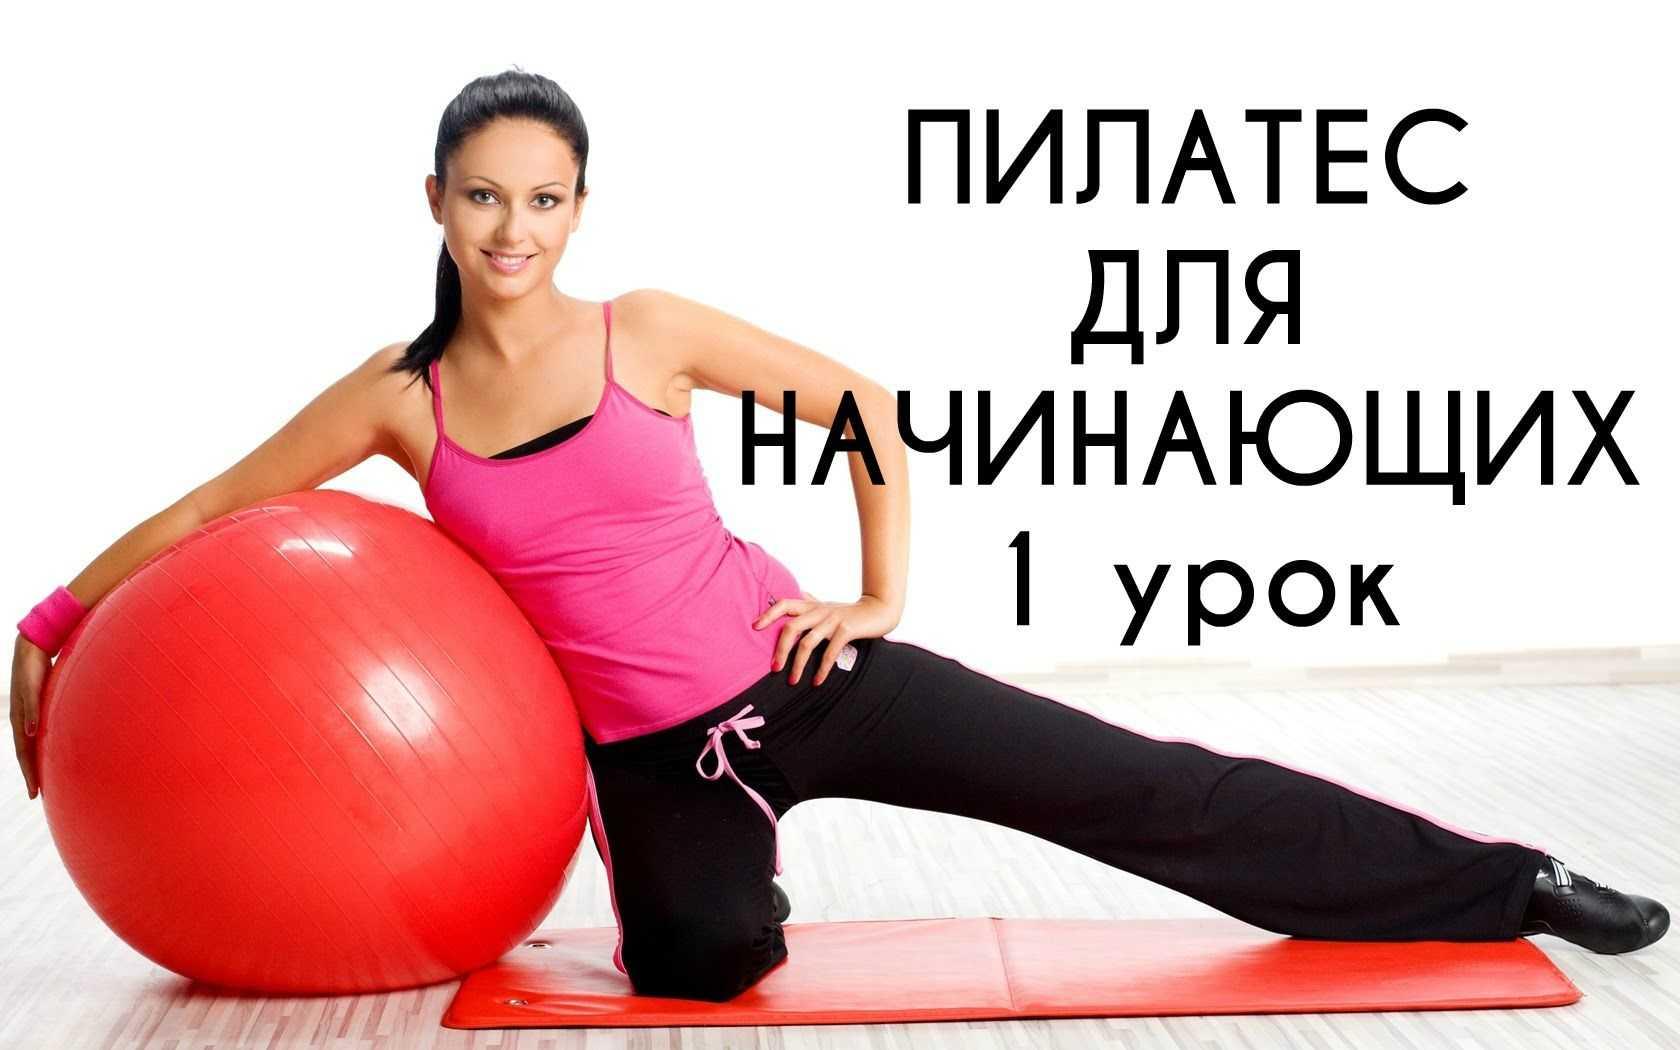 Пилатес дома — особенности тренировки, упражнения, видео